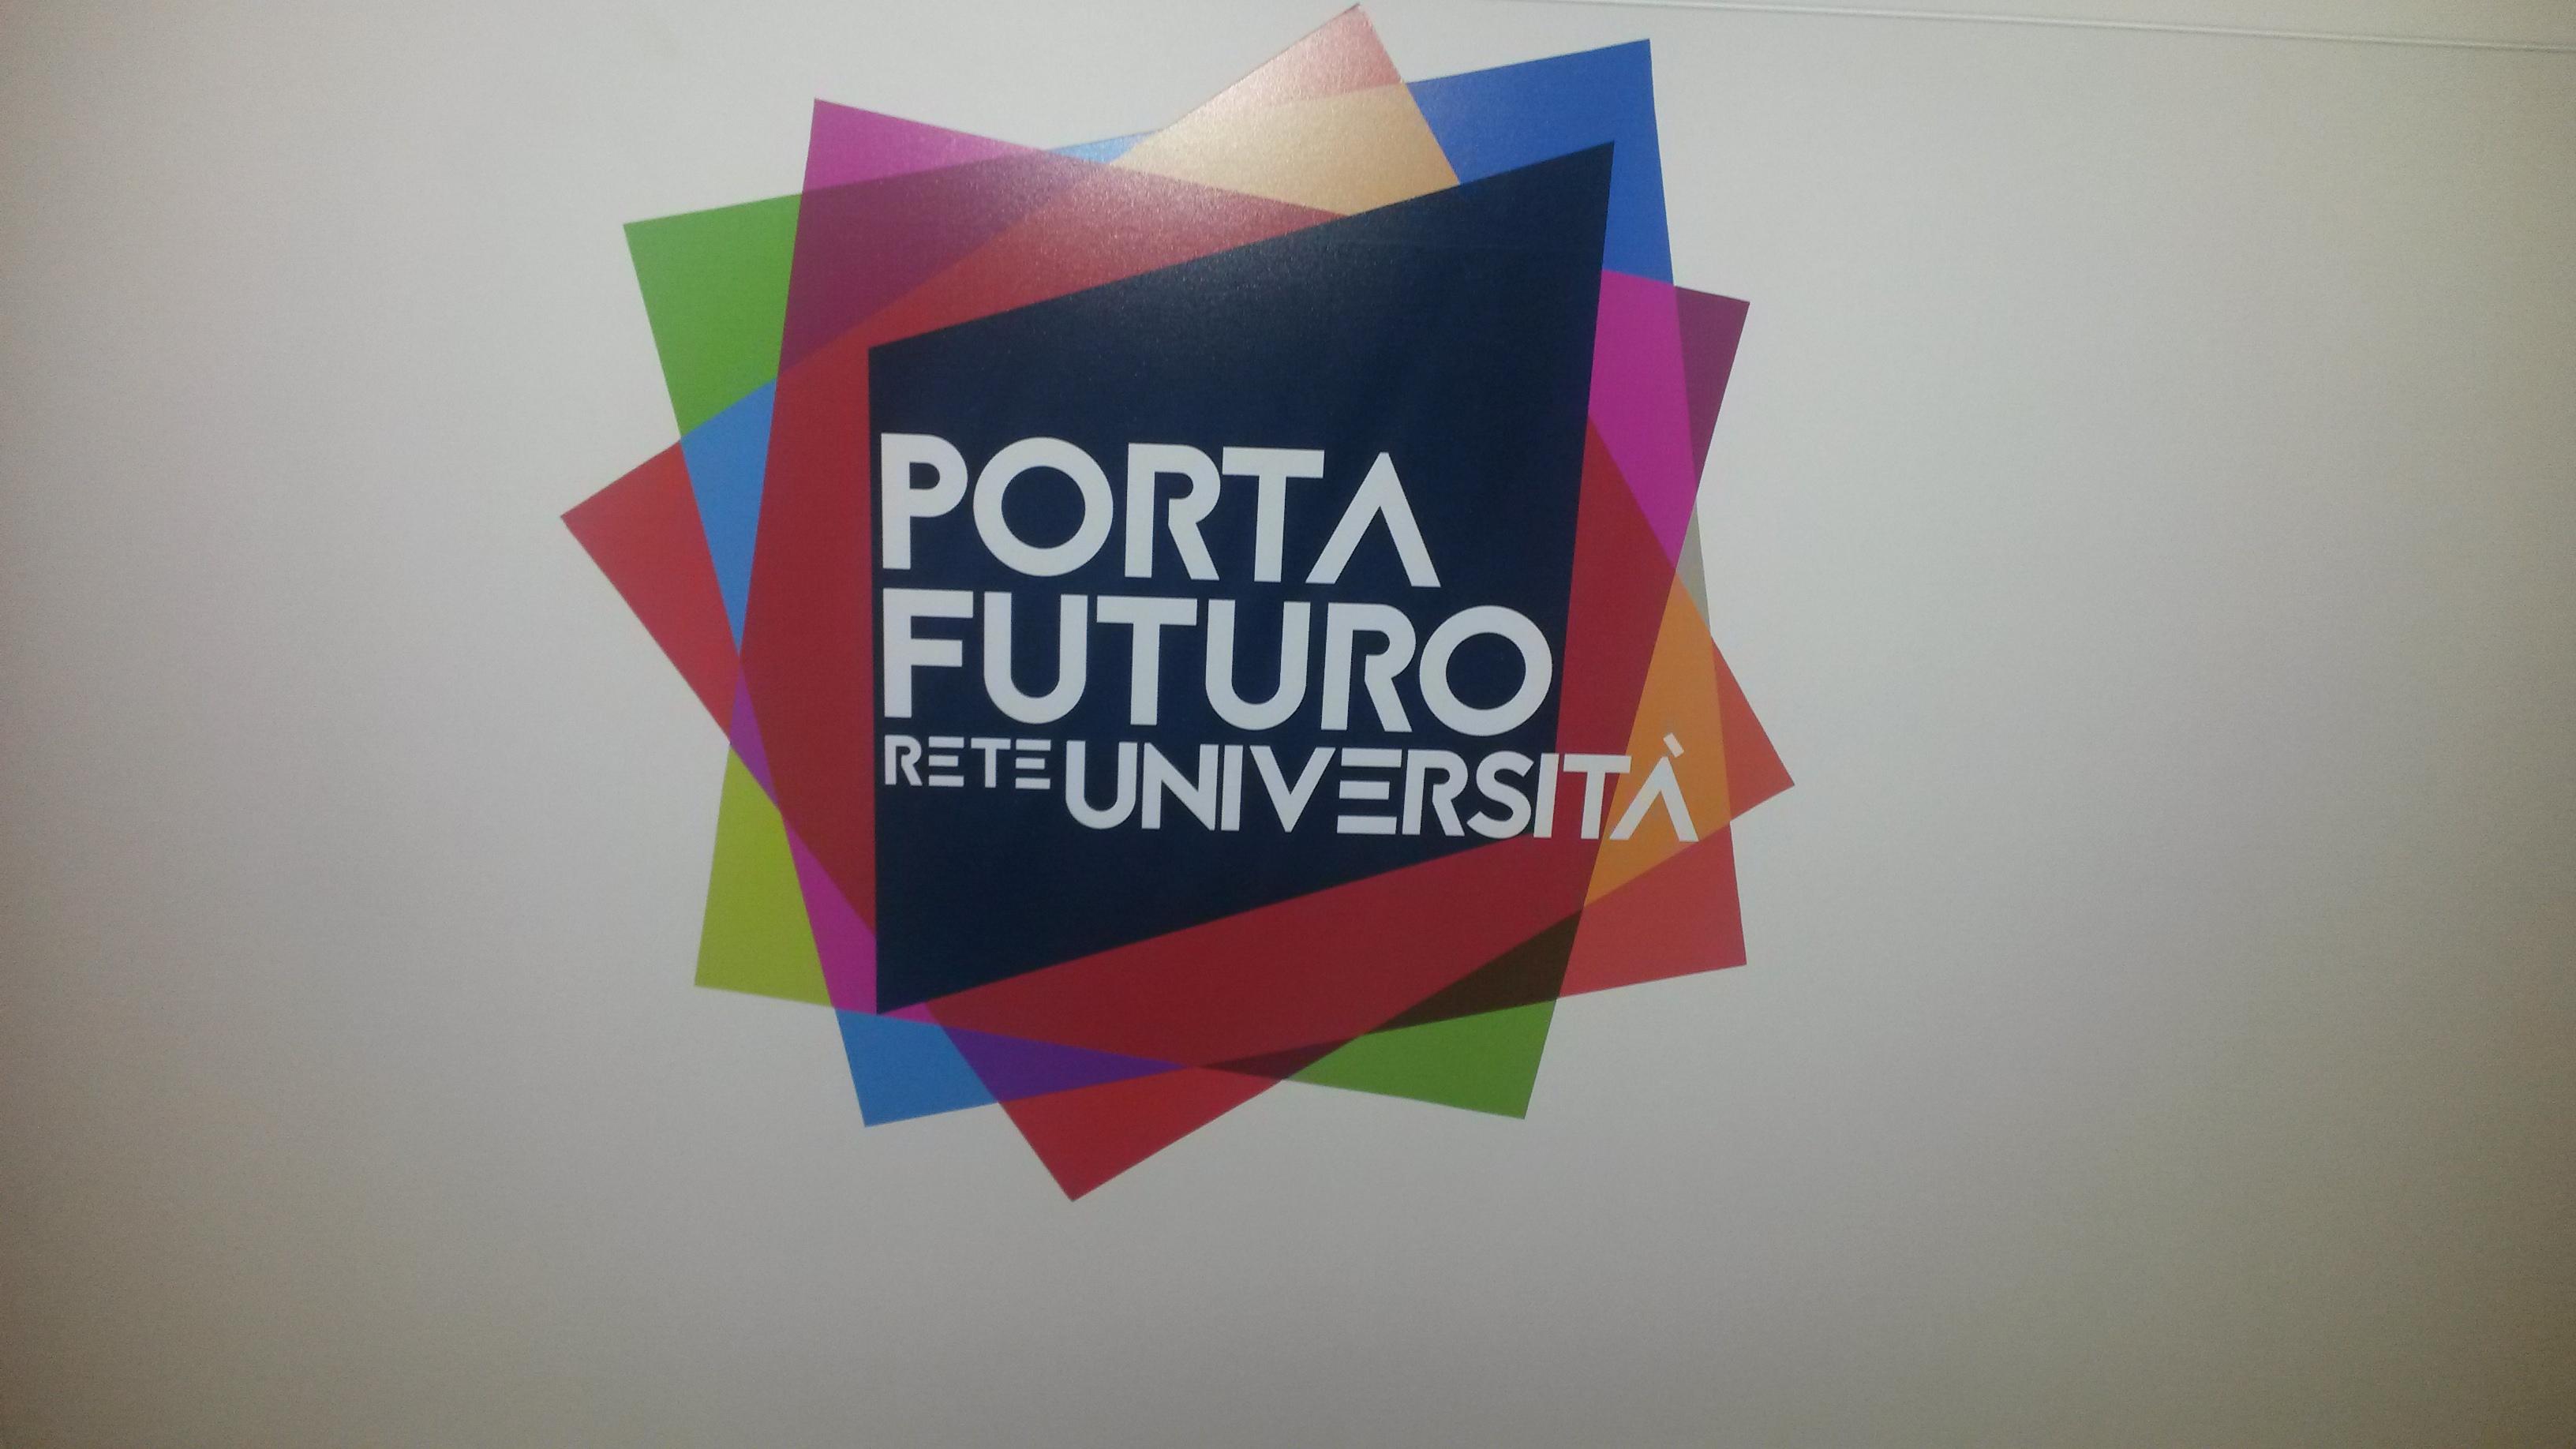 unitus-porta-futuro